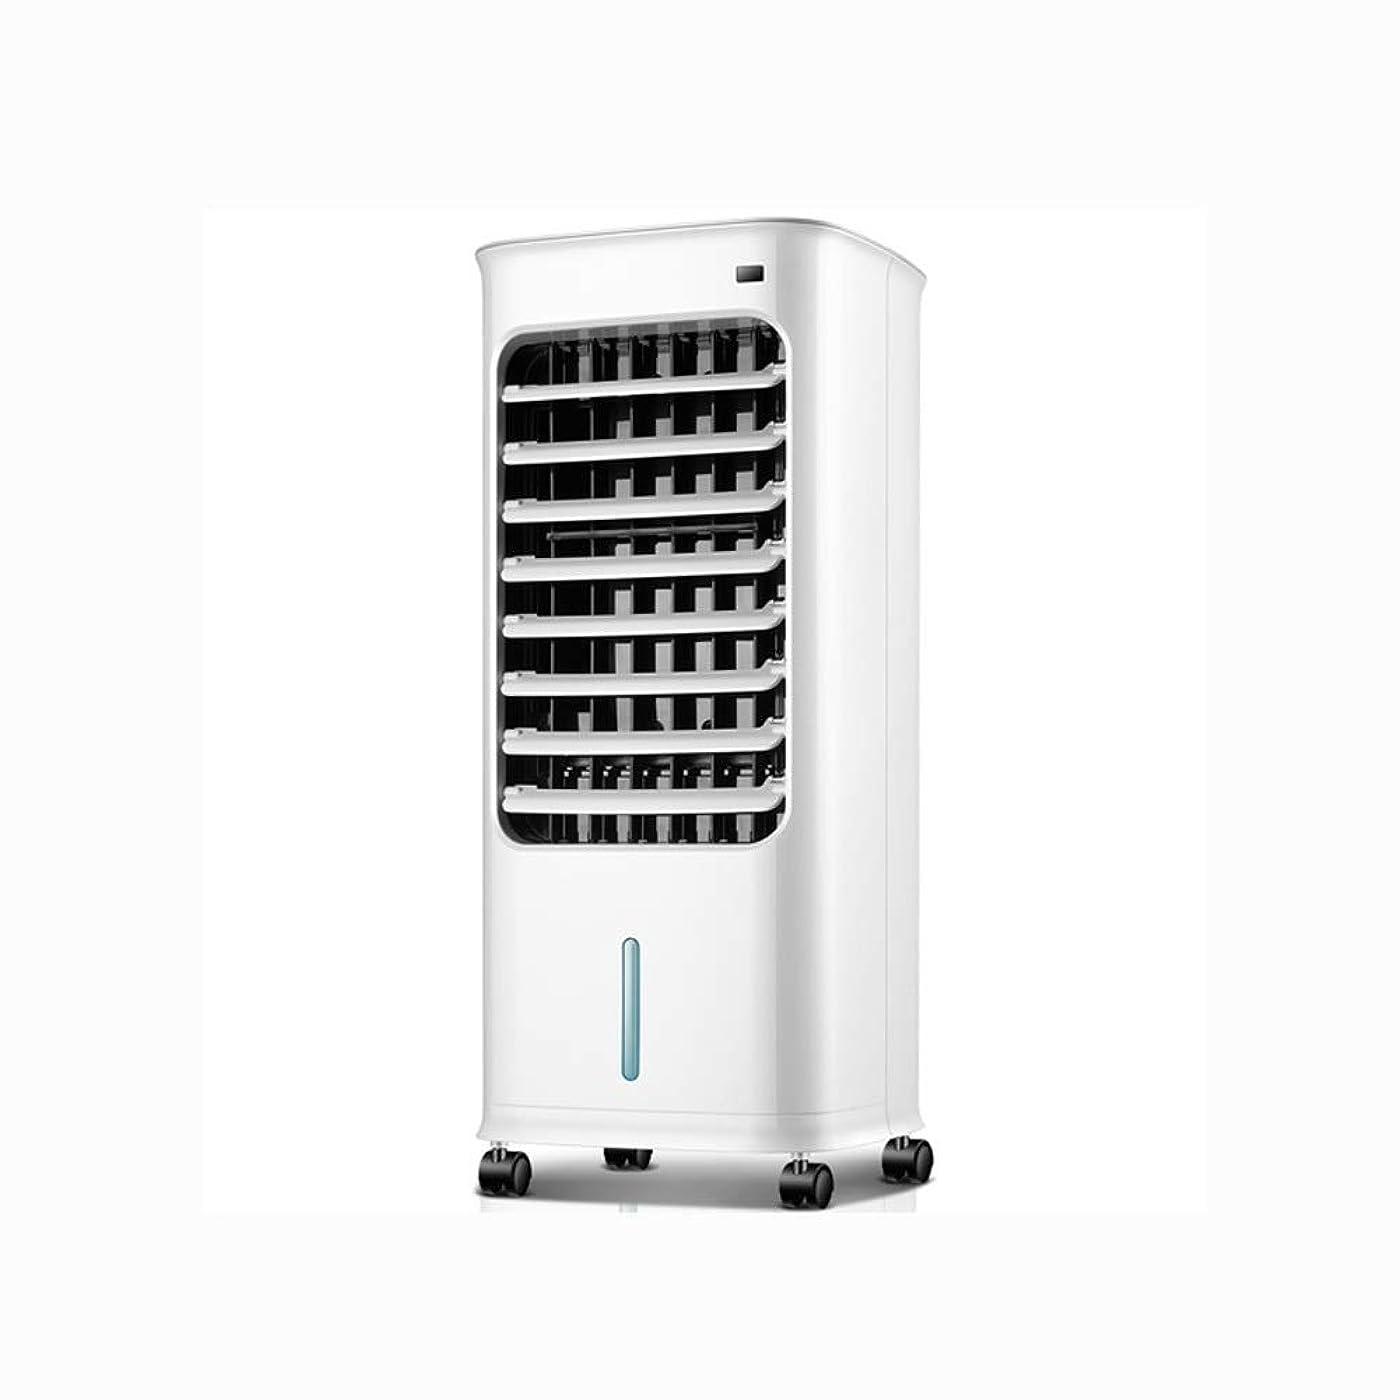 あるフラグラントプロットLPD-冷風機 エアコンモバイルエアコン空気浄化加湿器インテリジェントリモコン7時間タイミング